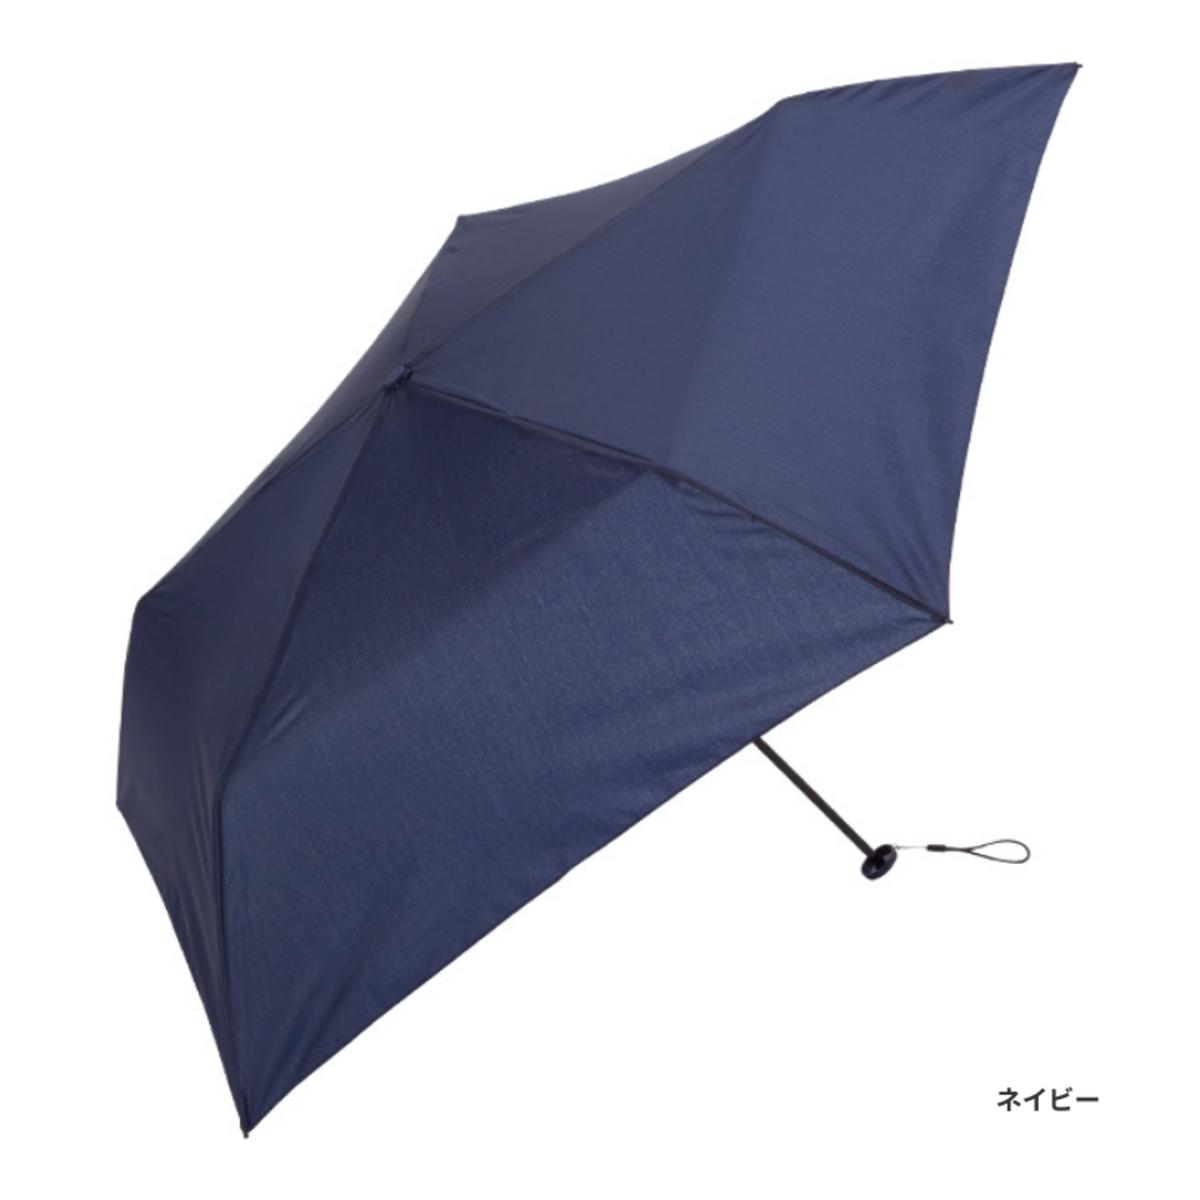 Super Light Folding Umbrella 90g - Navy